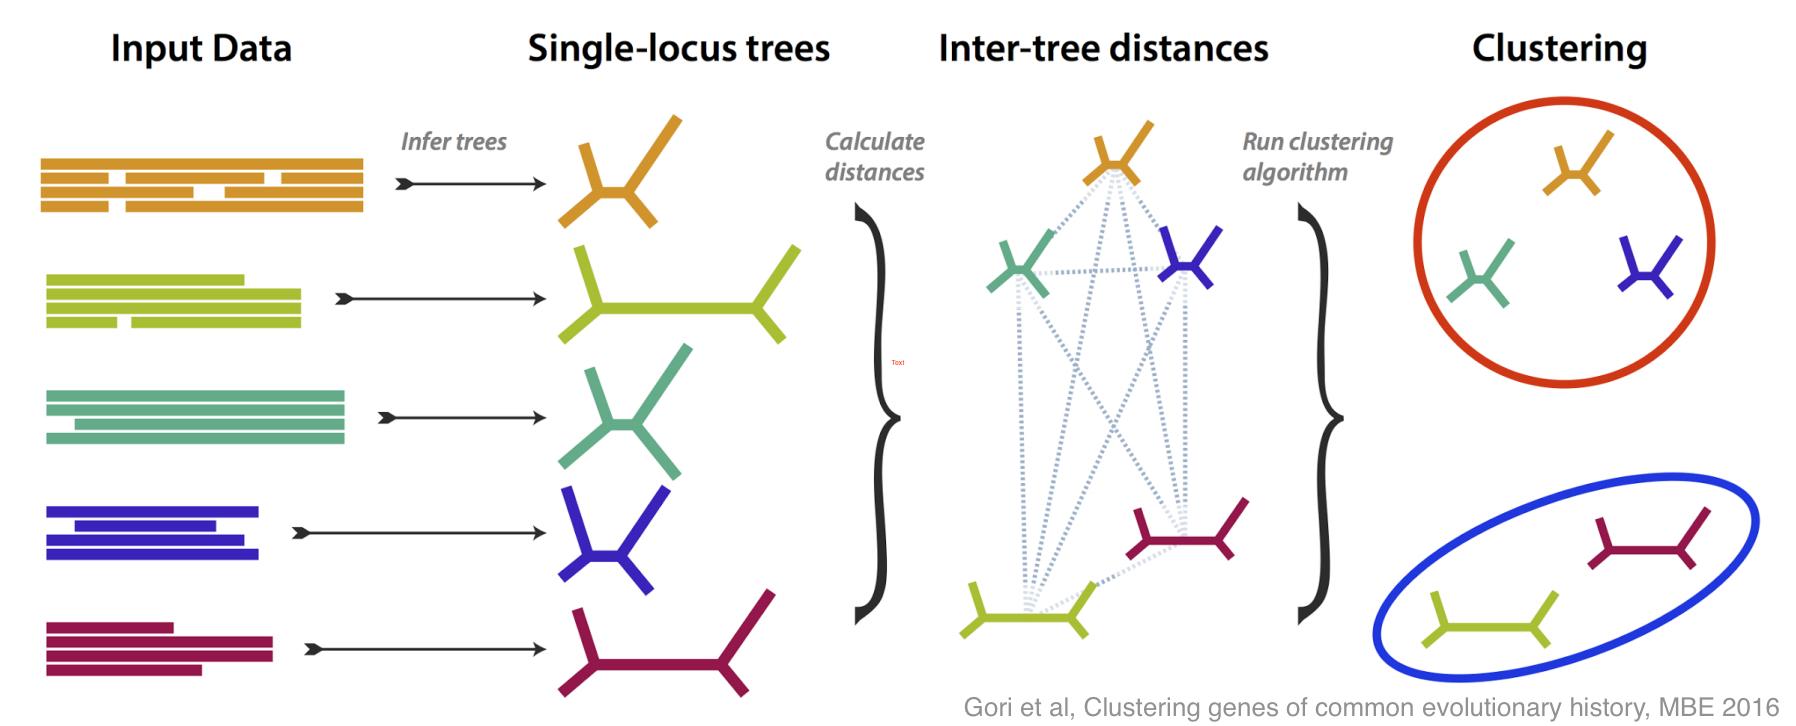 TreeCl conceptual diagram